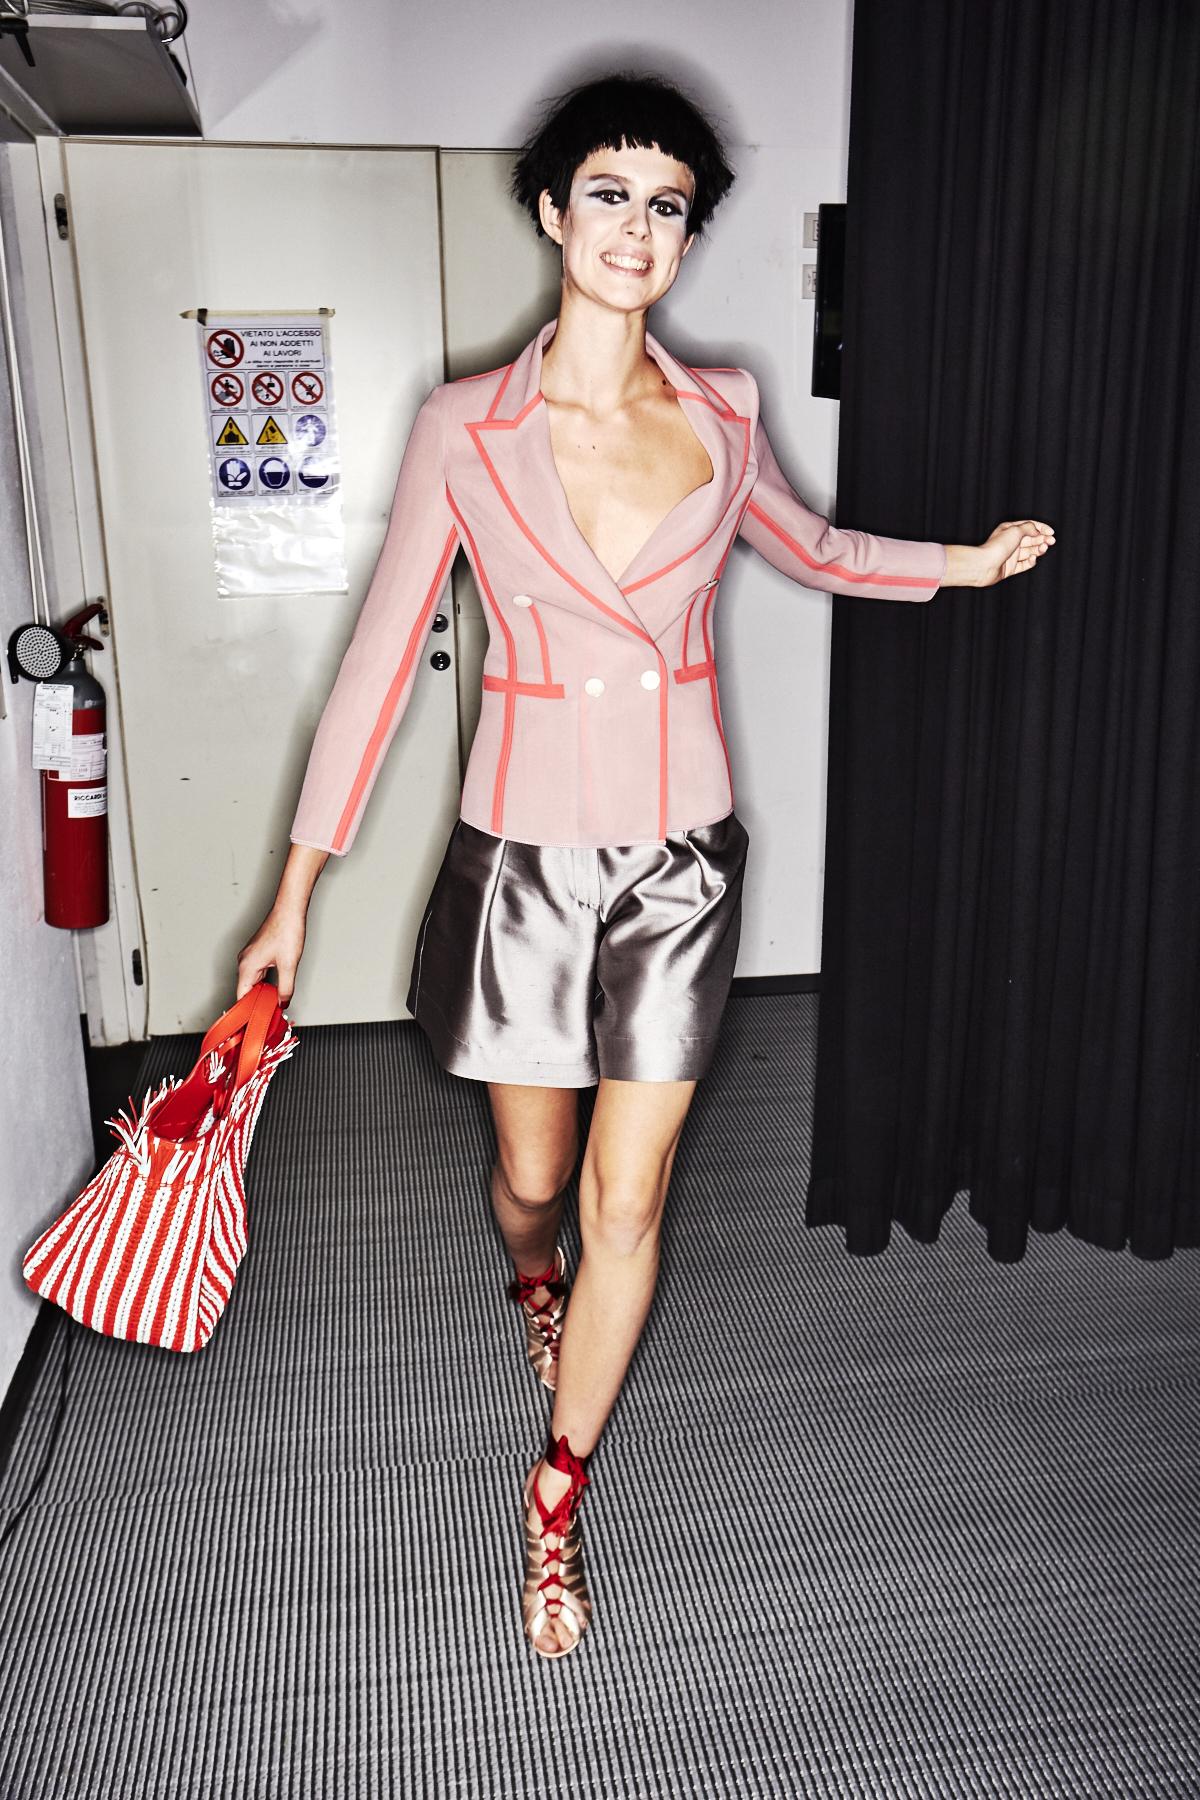 Ein Model im Backstage-Bereich der Giorgio Armani Frühjahr/Sommer 2018 Show trägt silberne Shorts zu einem Kurzjackett.